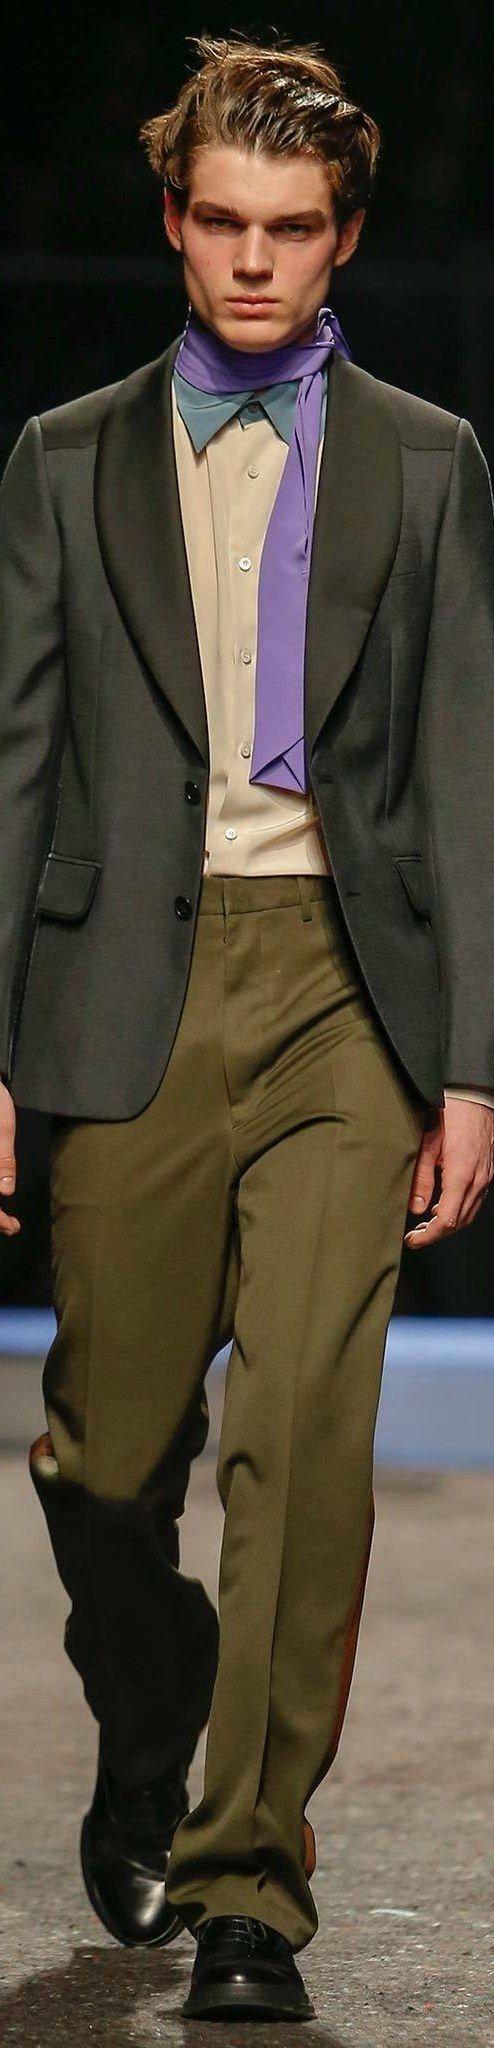 Prada - Menswear - Fall